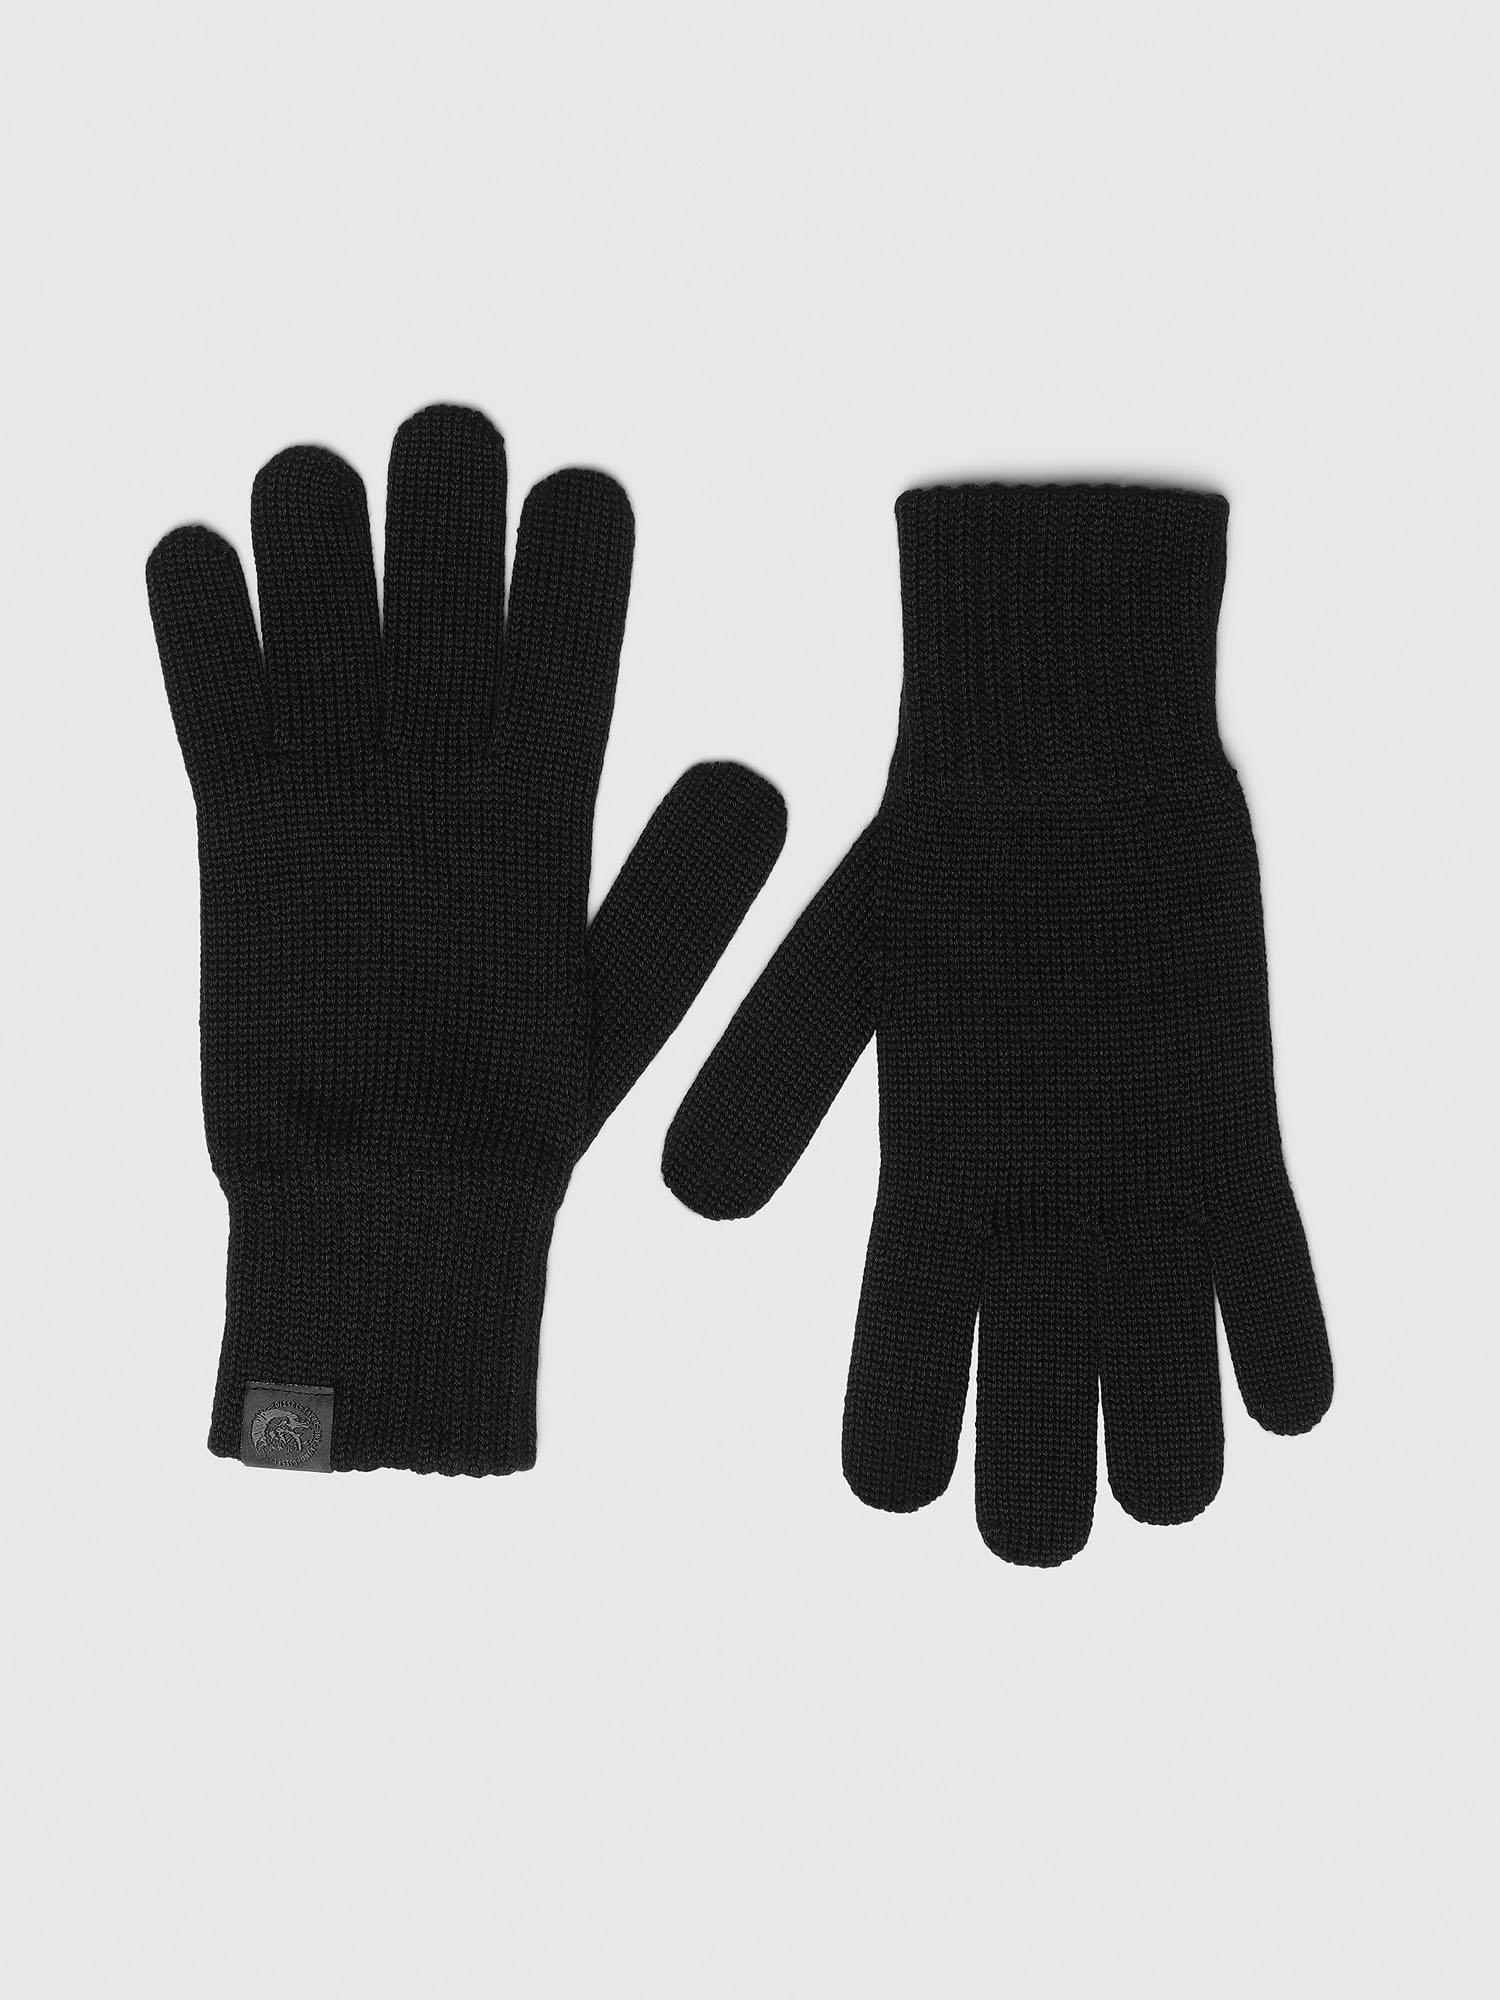 Diesel Gloves 0SAWX - Black - 02